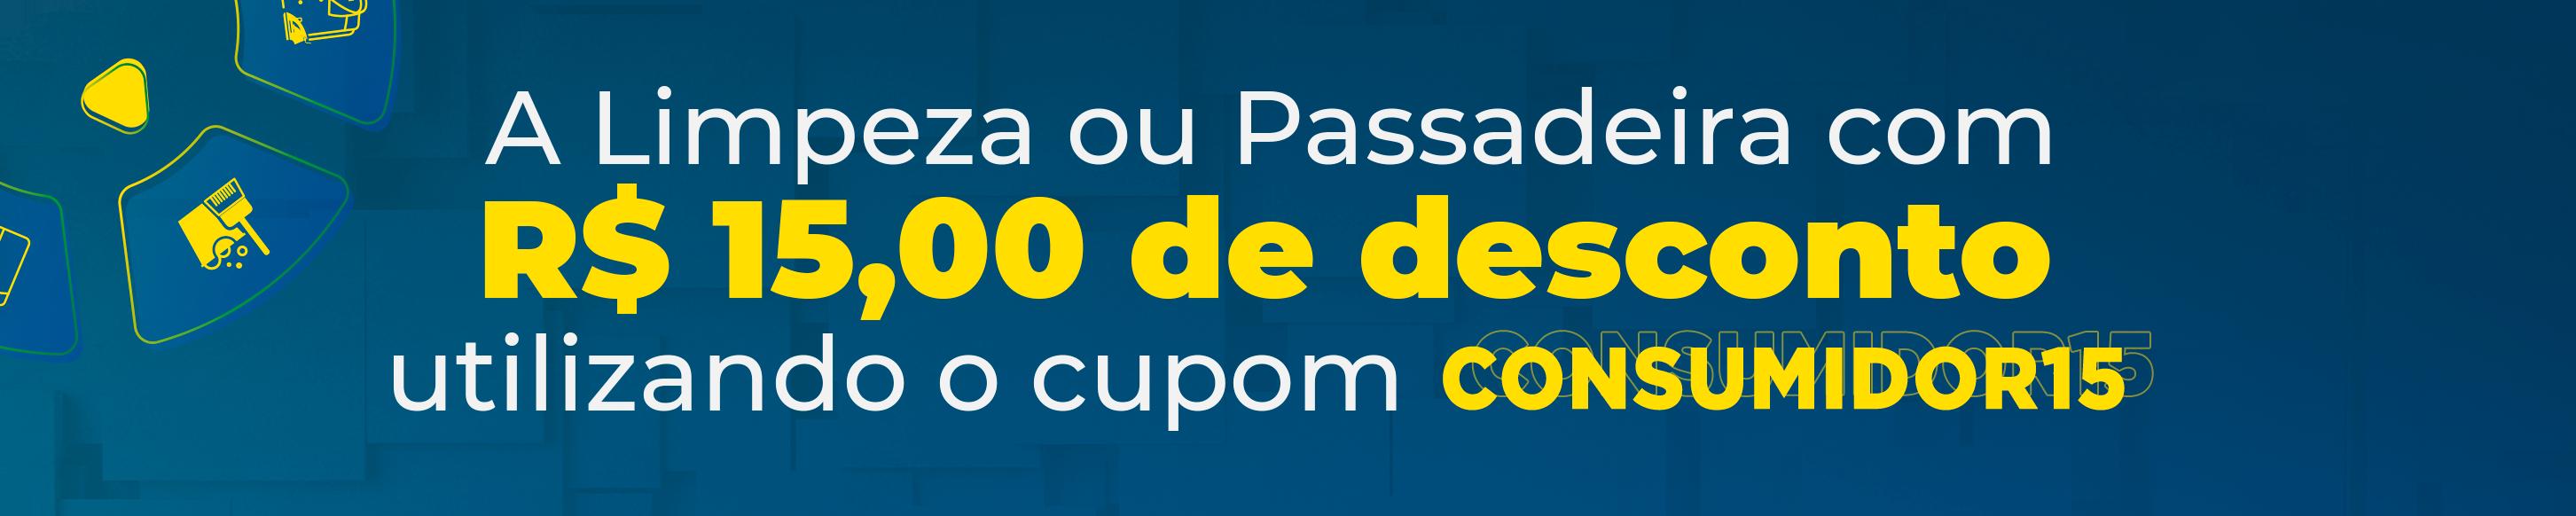 semana do consumidor maria brasileira